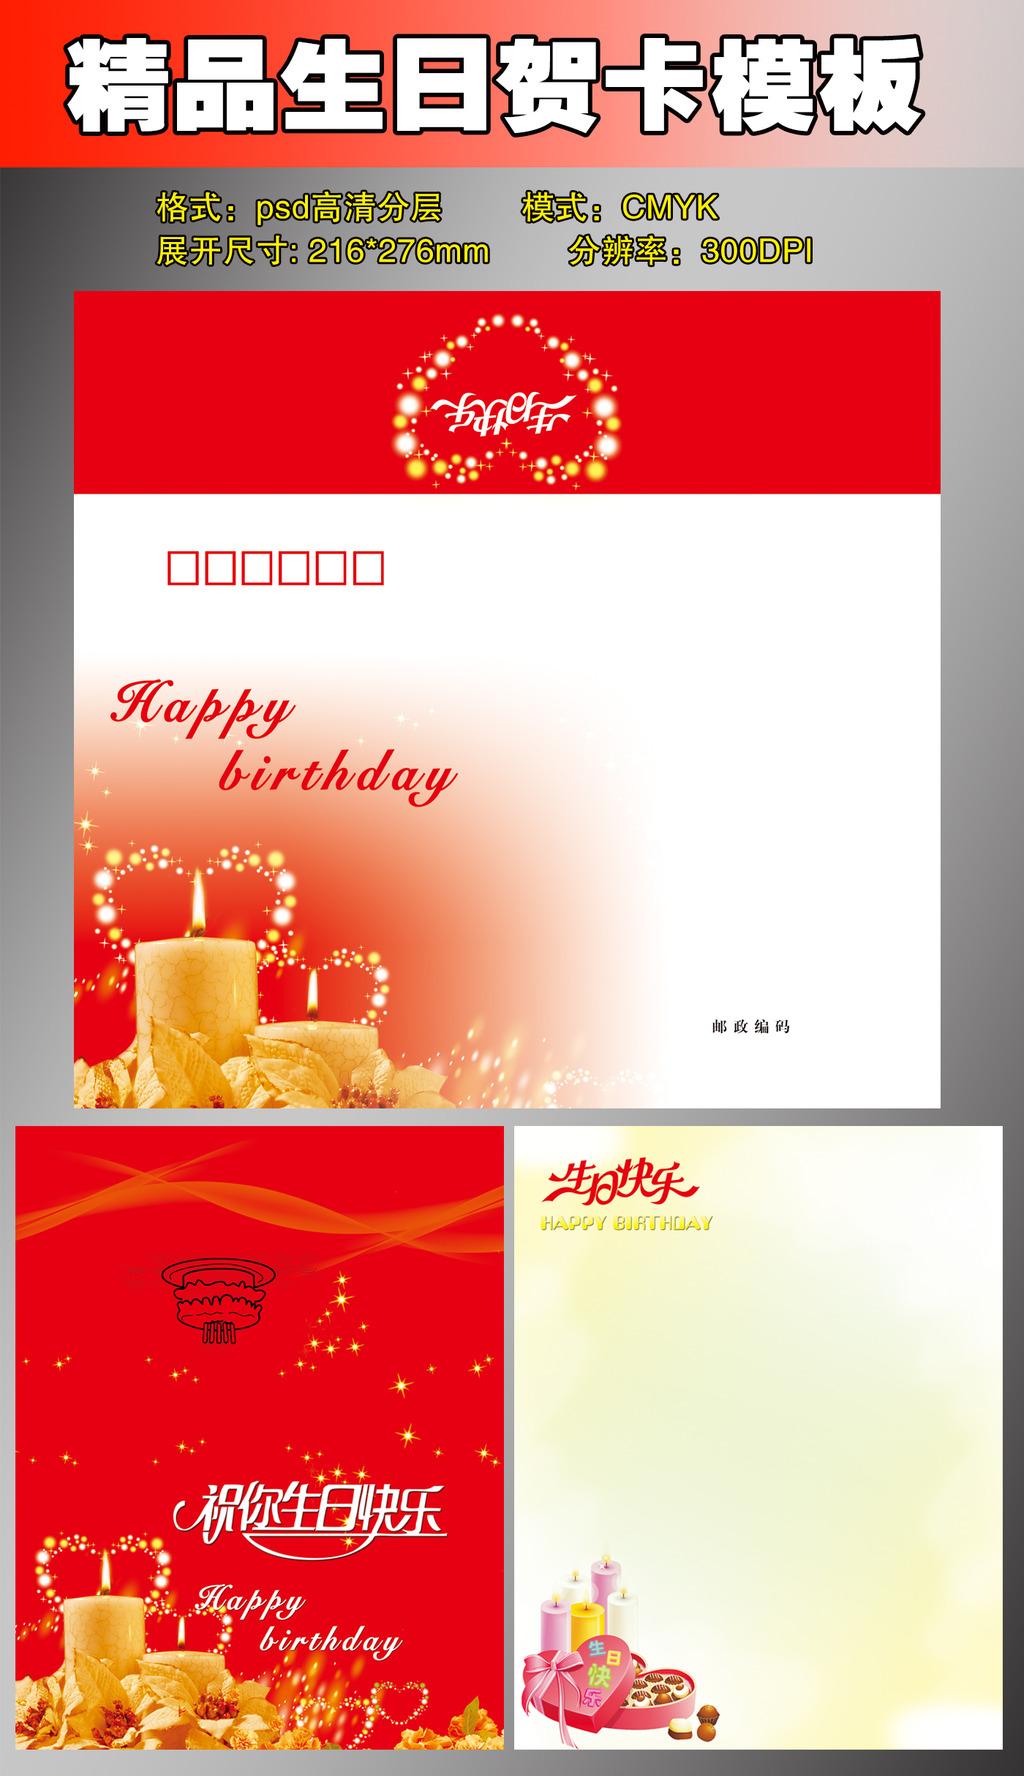 生日快乐贺卡信封明信片折页设计模板